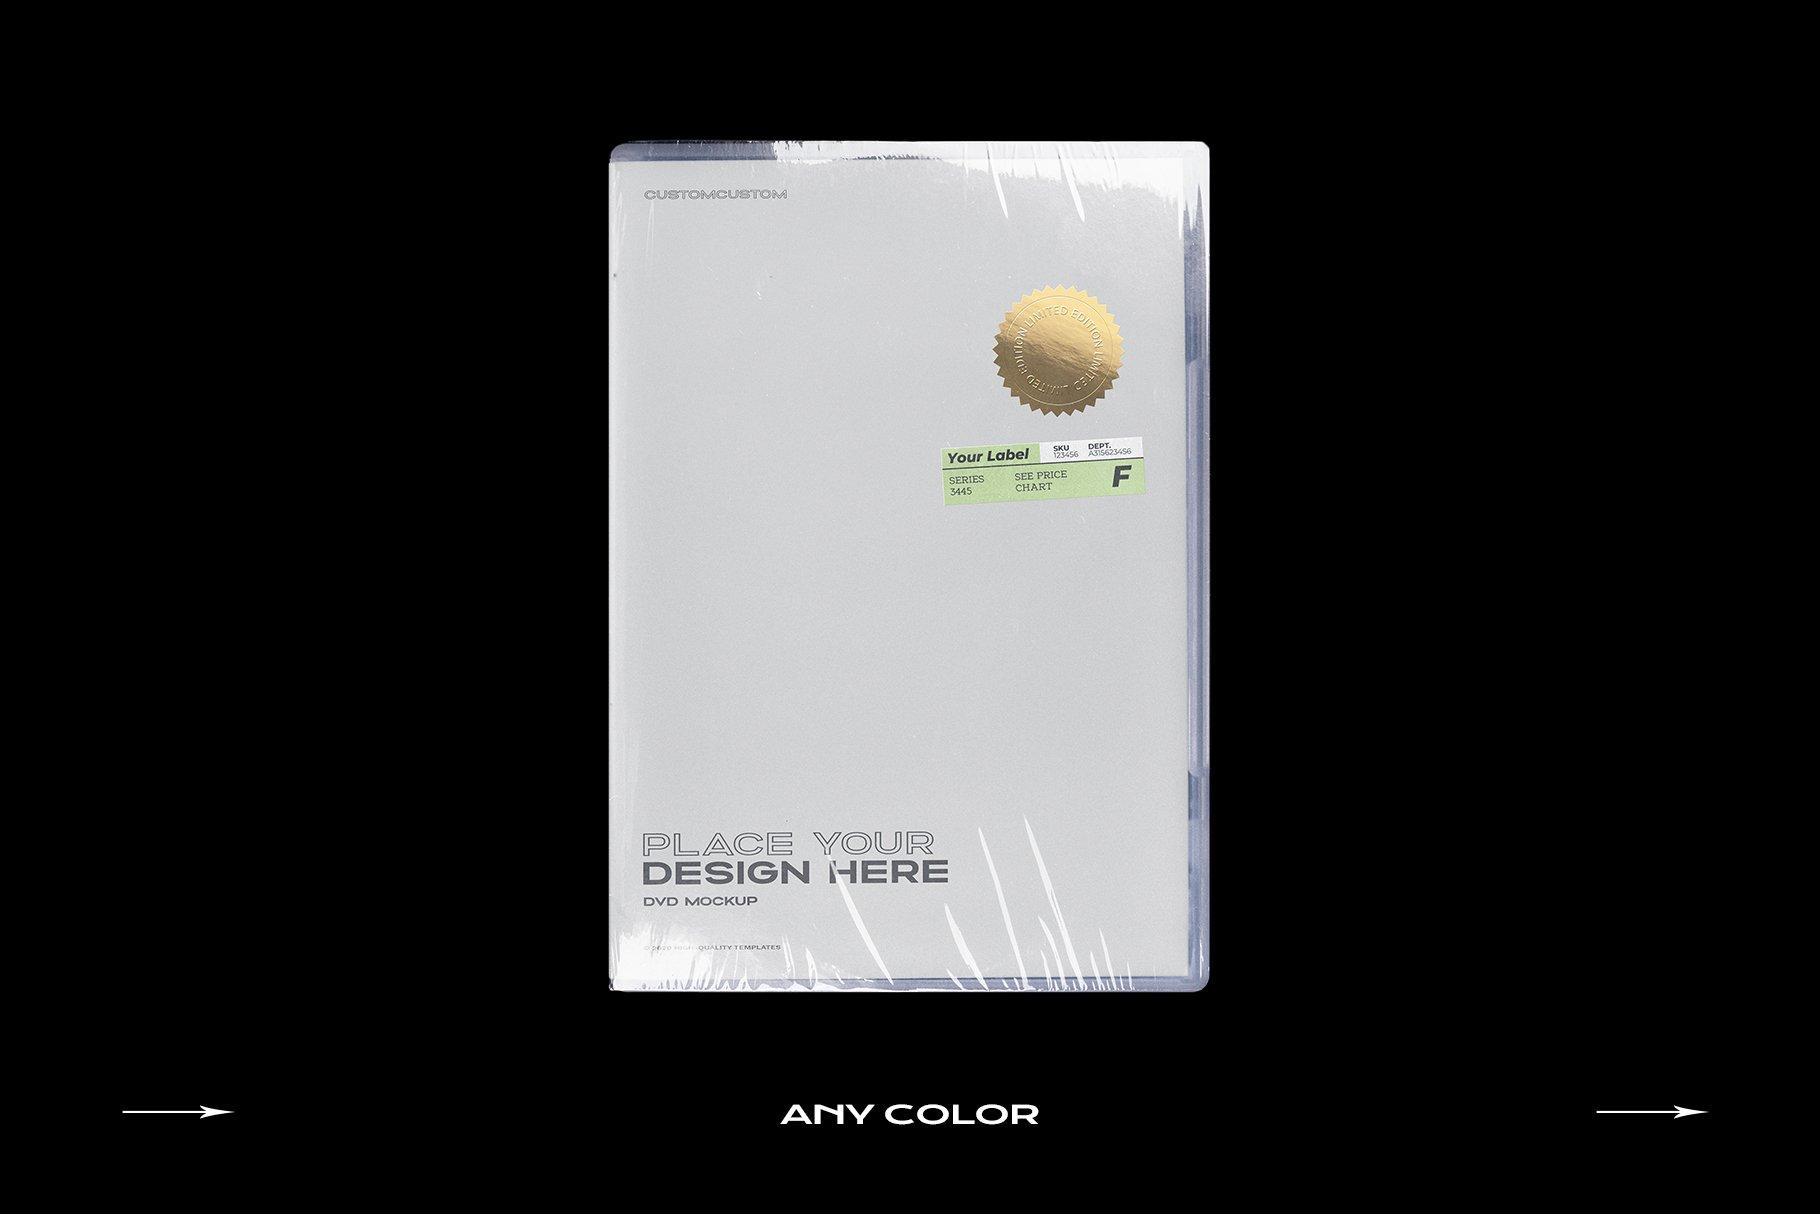 [淘宝购买] 60个DVD光盘包装盒塑料袋塑料膜贴纸样机PS设计素材 DVD Case Mockup Template Bundle Disc插图(7)